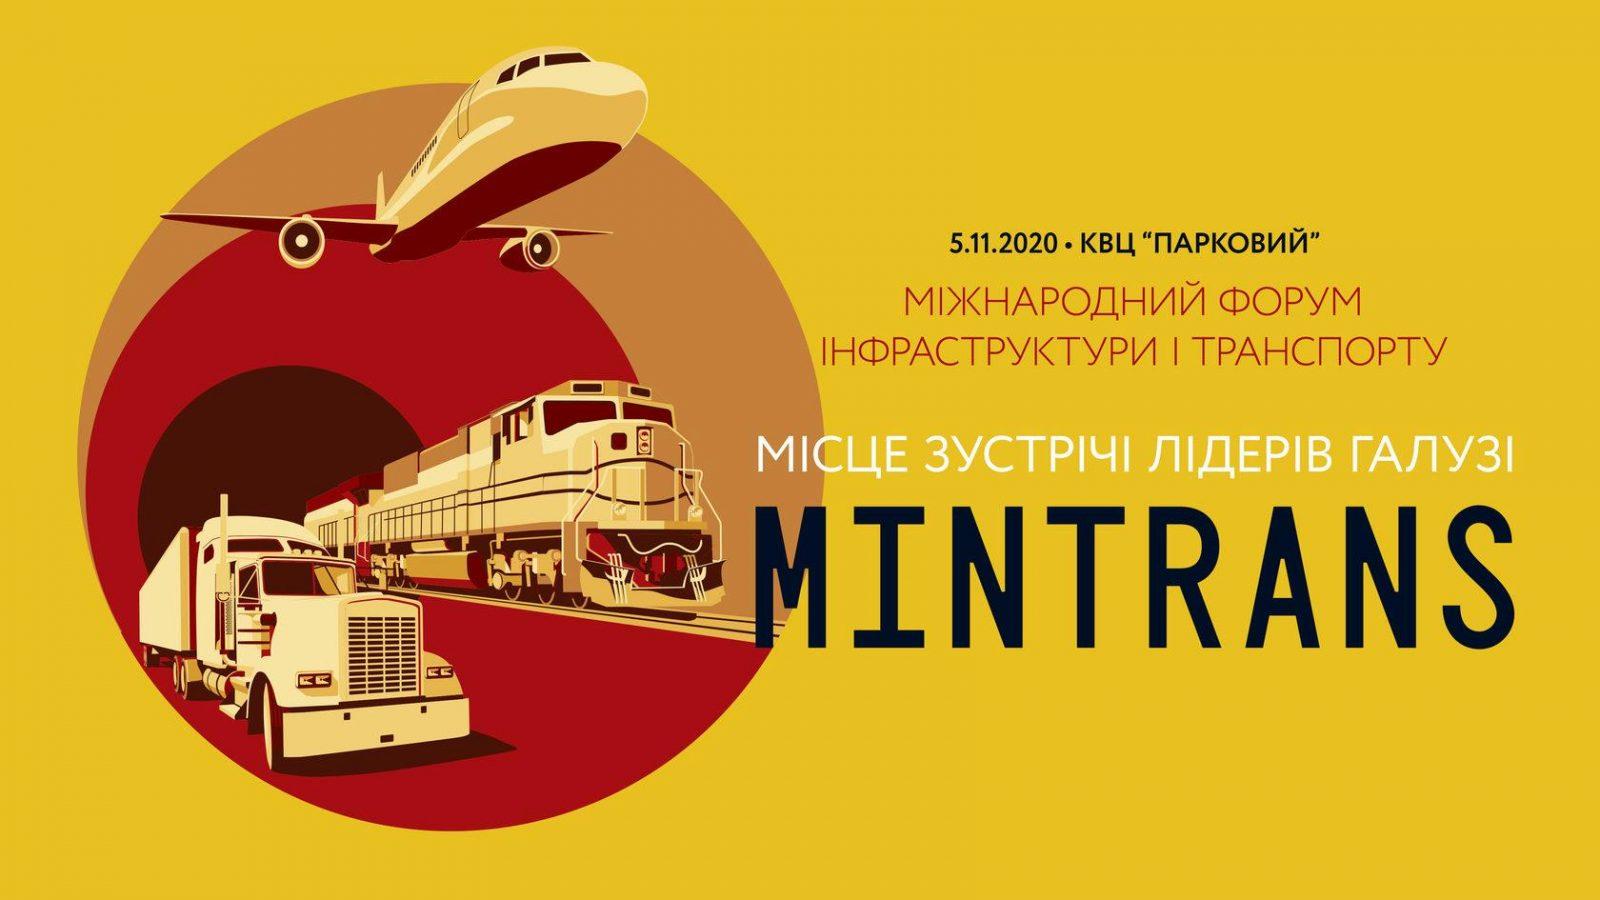 Міжнародний форум MINTRANS збере лідерів галузі 5 листопада